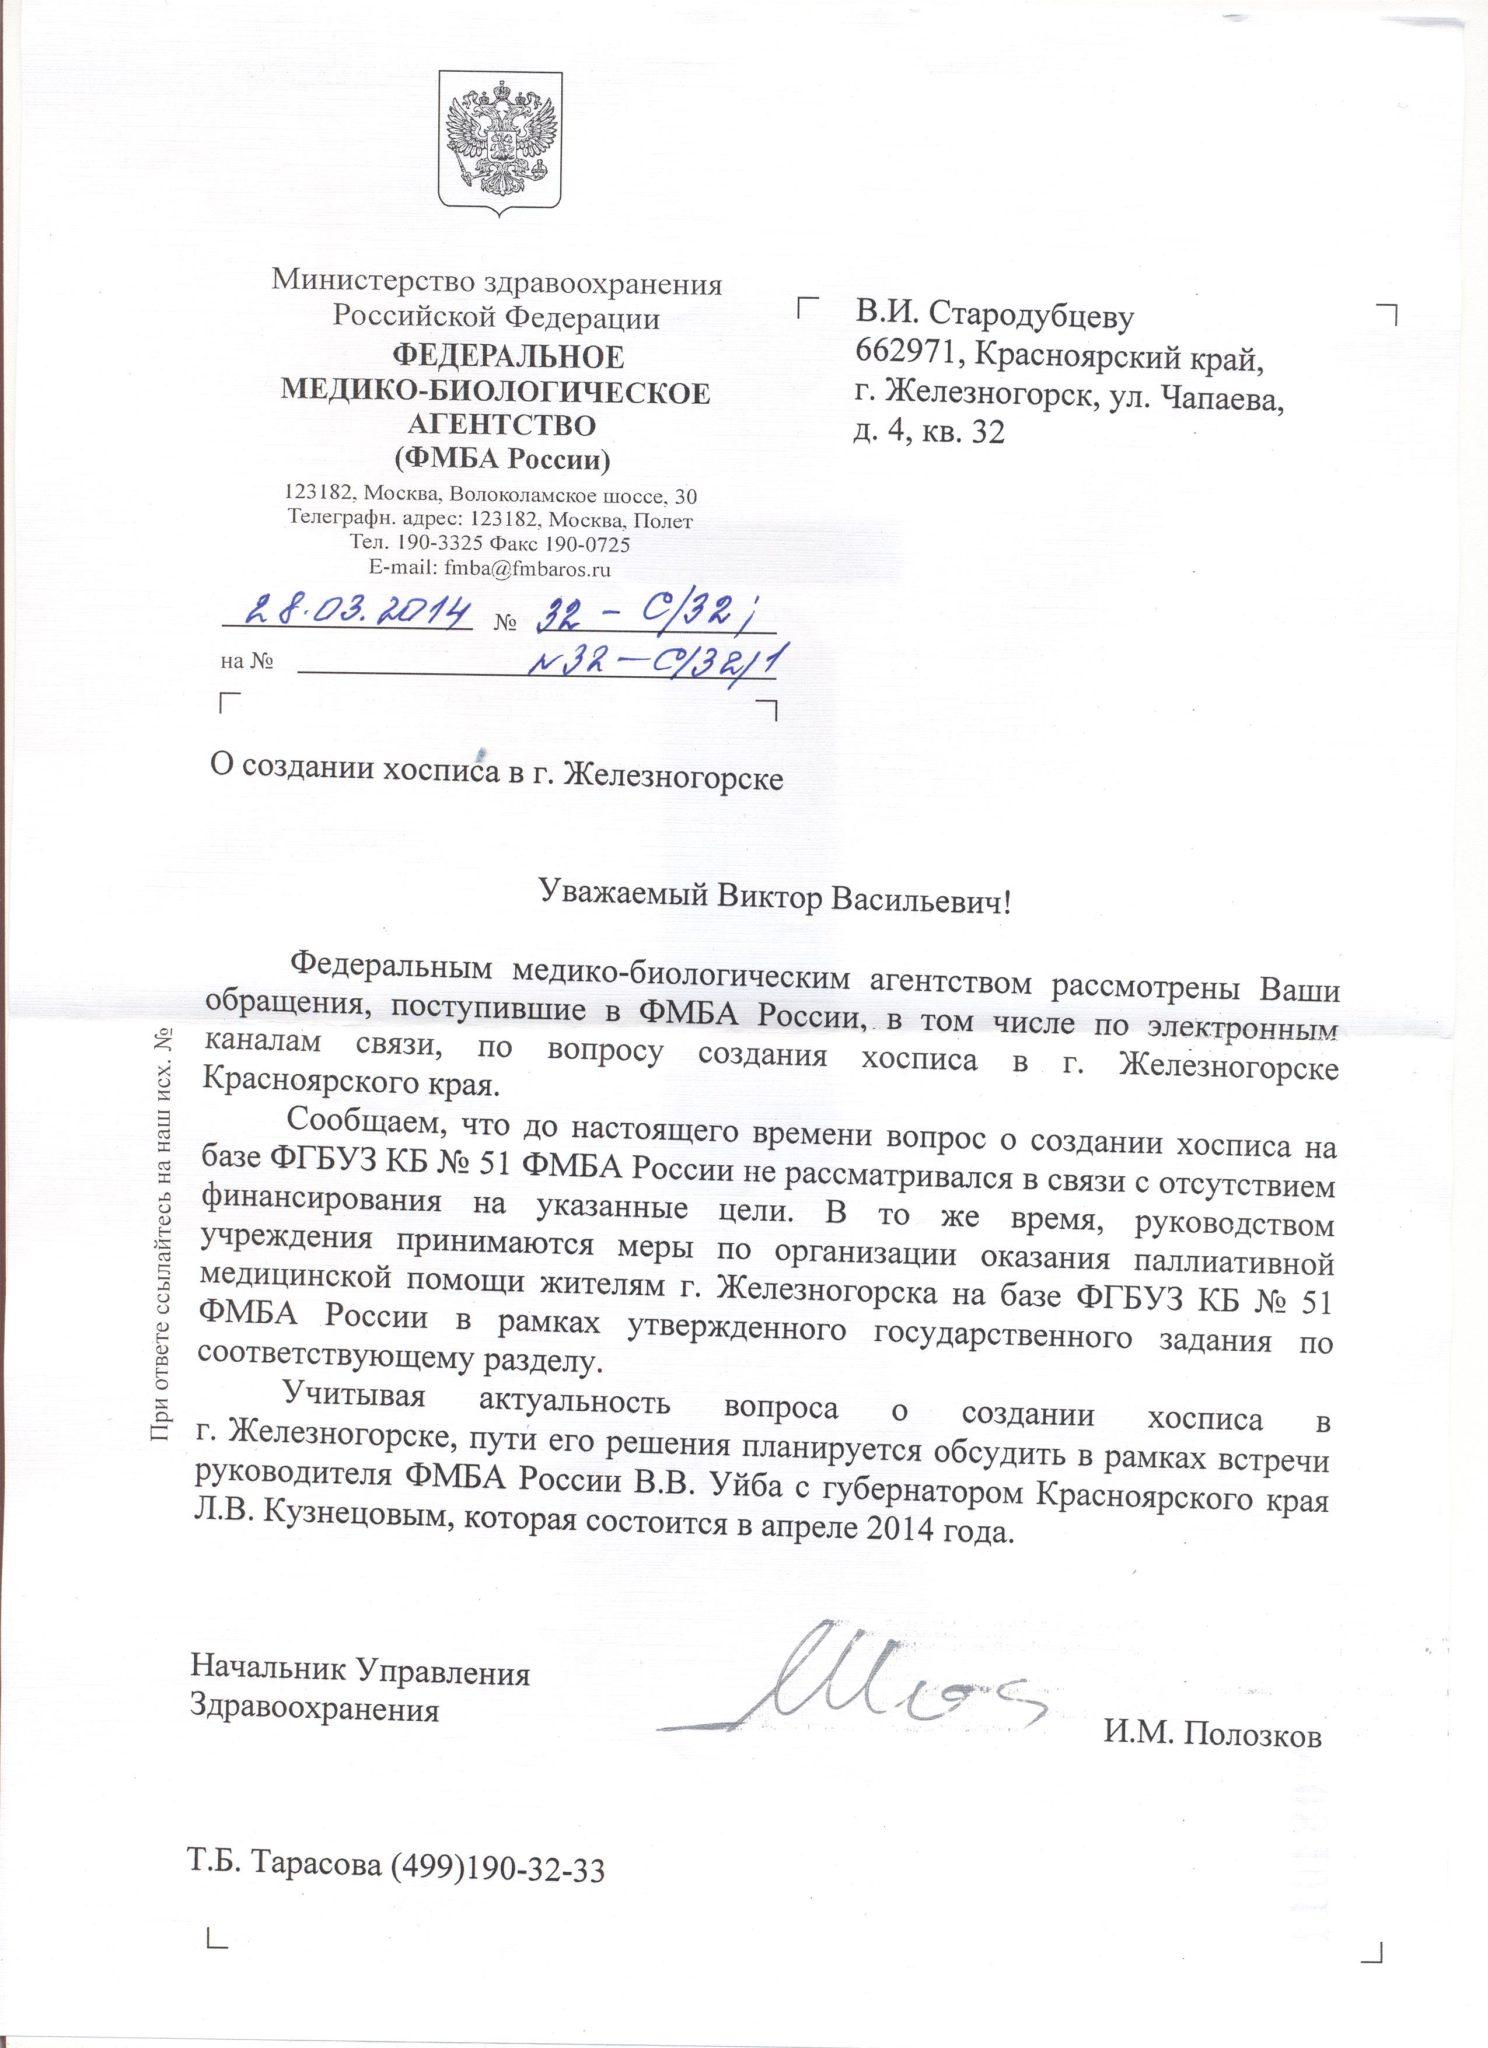 Руководитель ФМБА России Уйба Владимир Викторович ответил на обращение. Официальный ответ ФМБА.